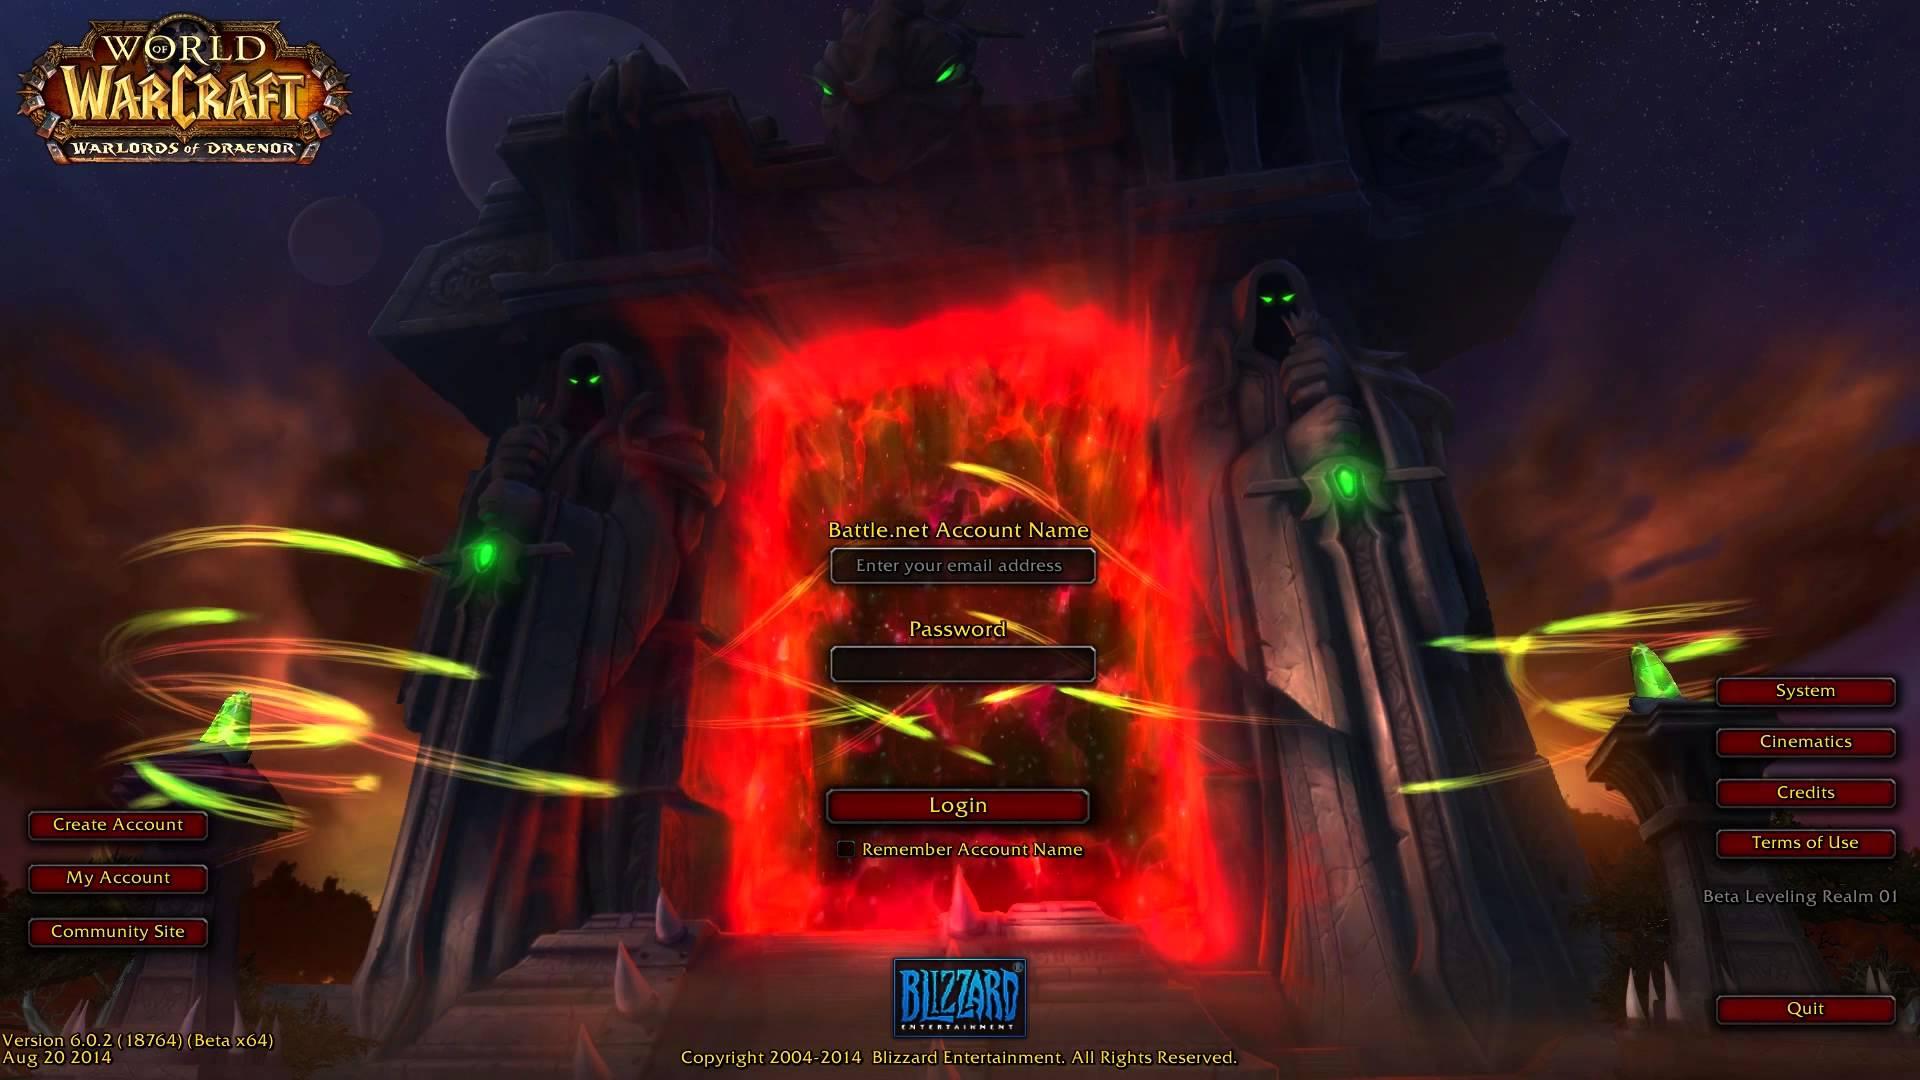 World of Warcraft: Startbildschirm-Nostalgie – Die Entwicklung des Einlogg-Bilds von 2004 bis 2016